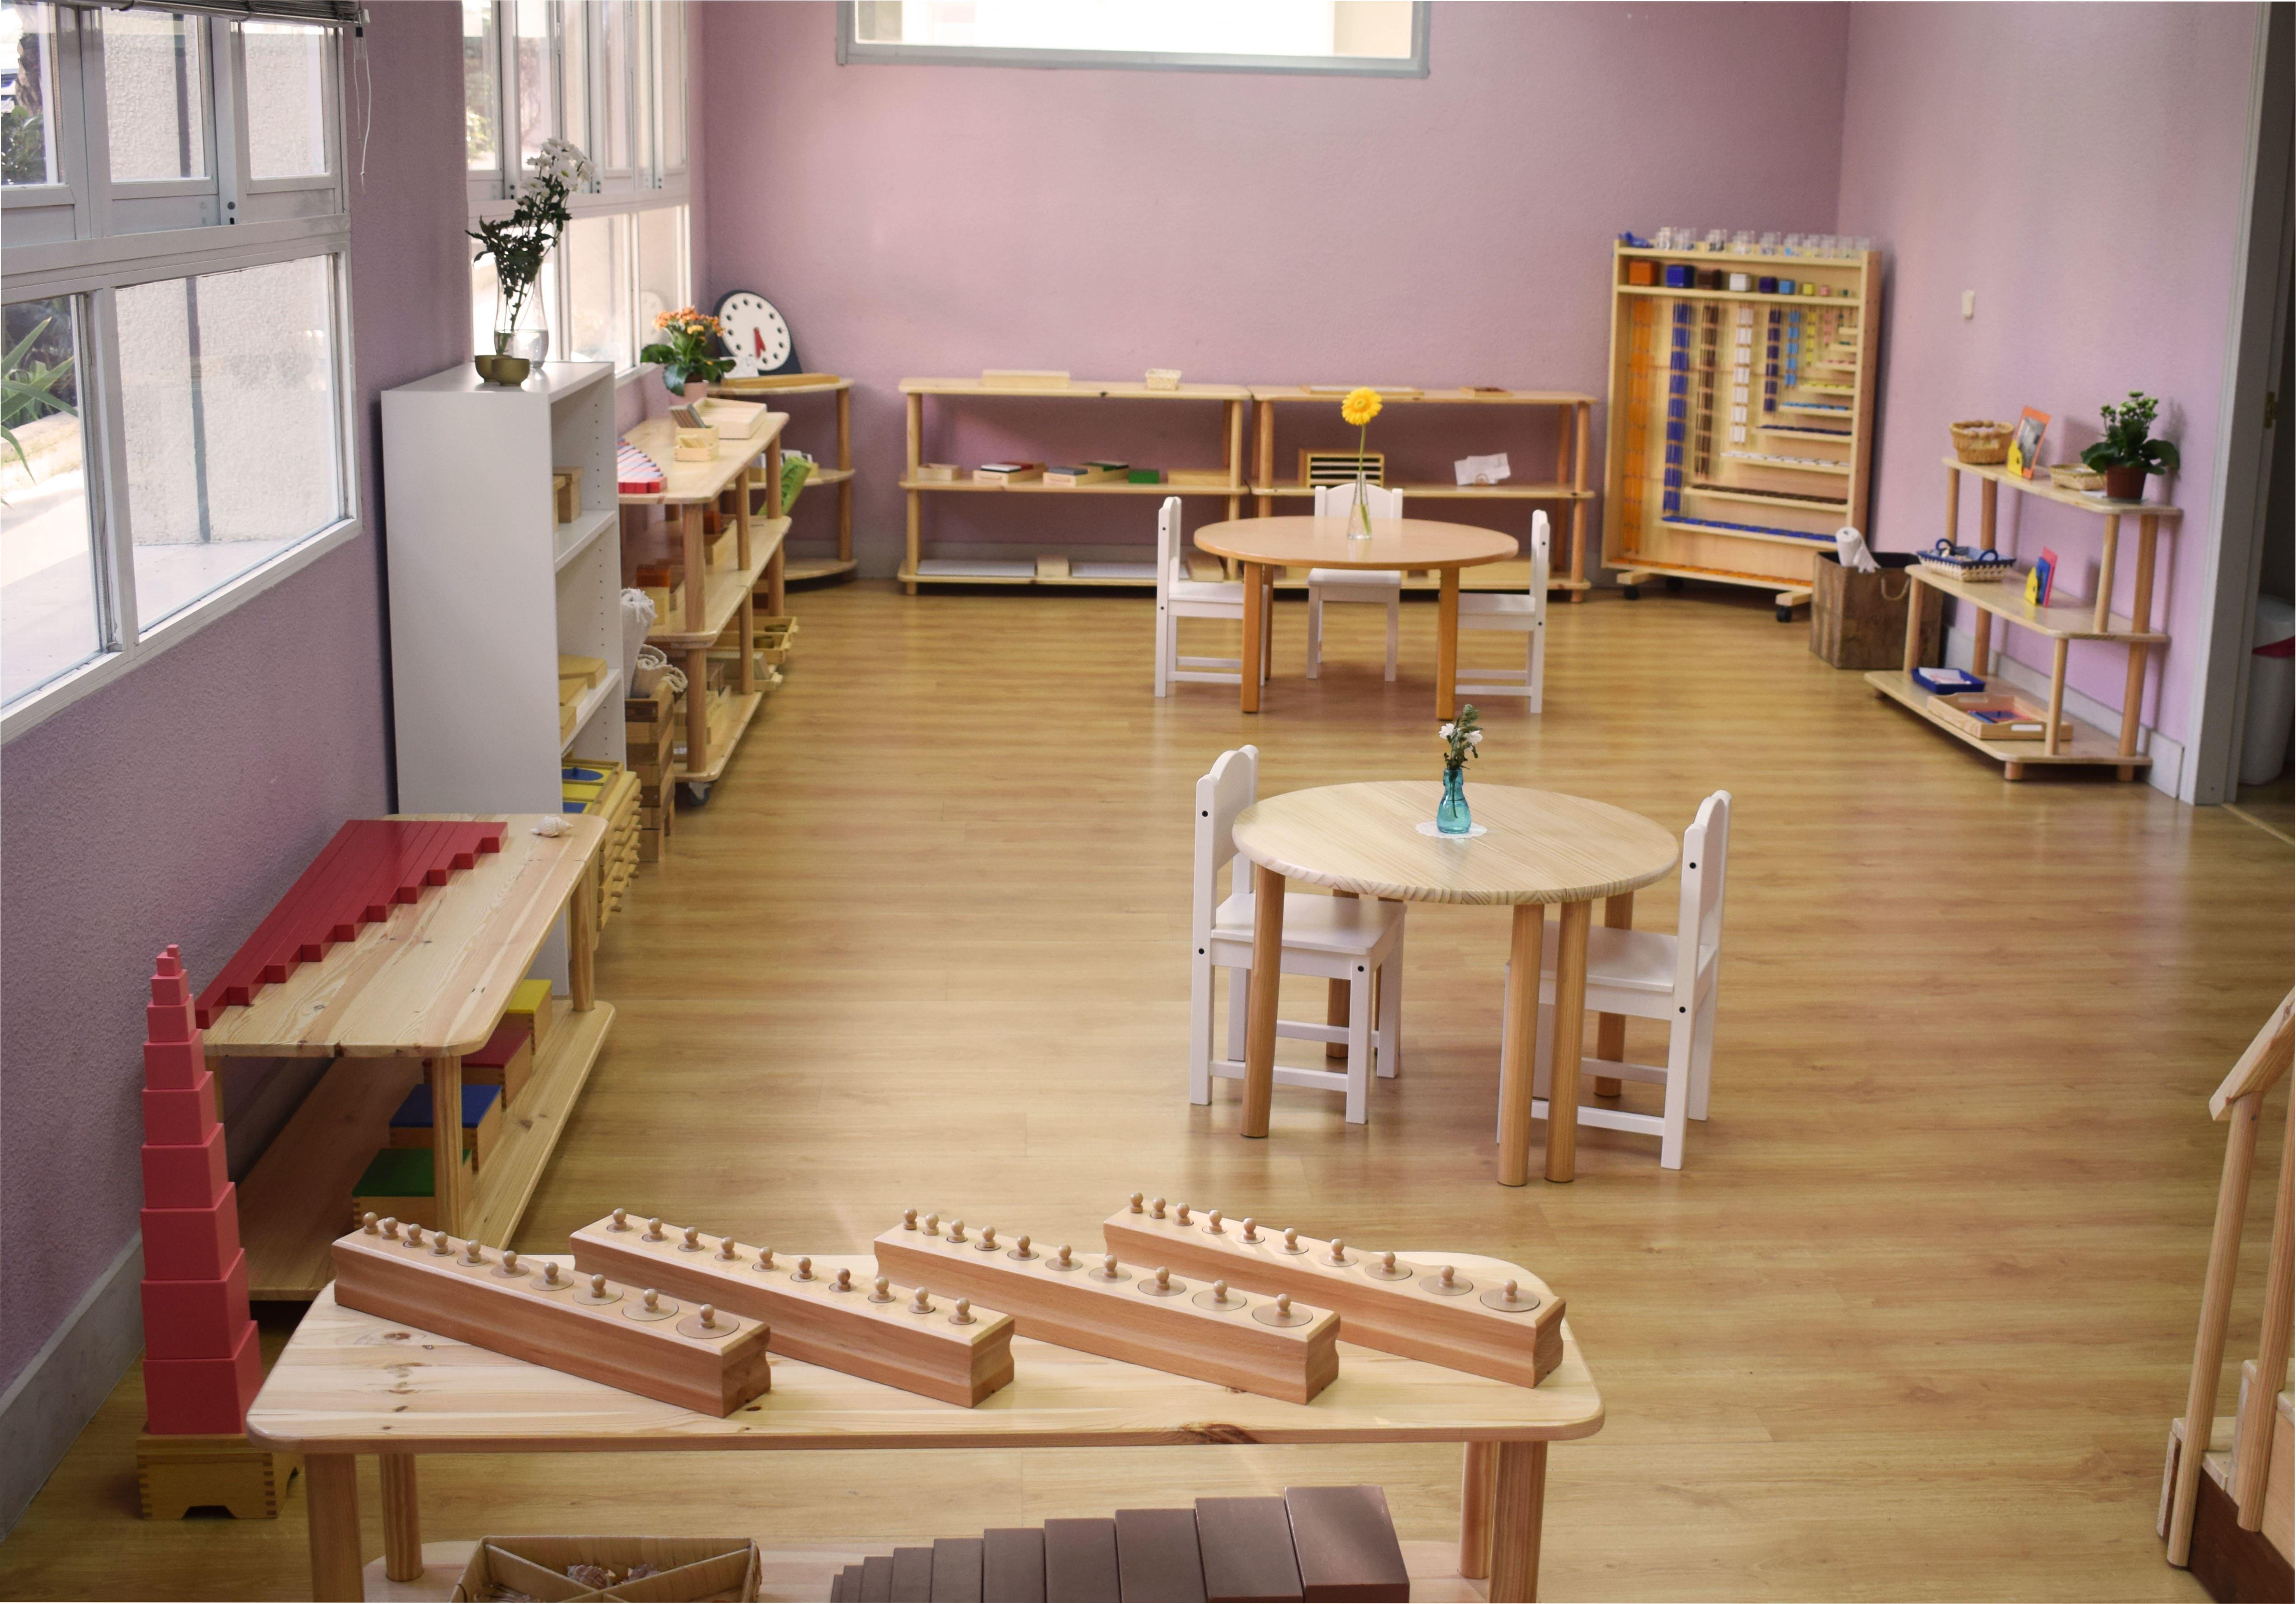 Casa de niños Montessori Canela Madrid {ETMC} - Tigriteando